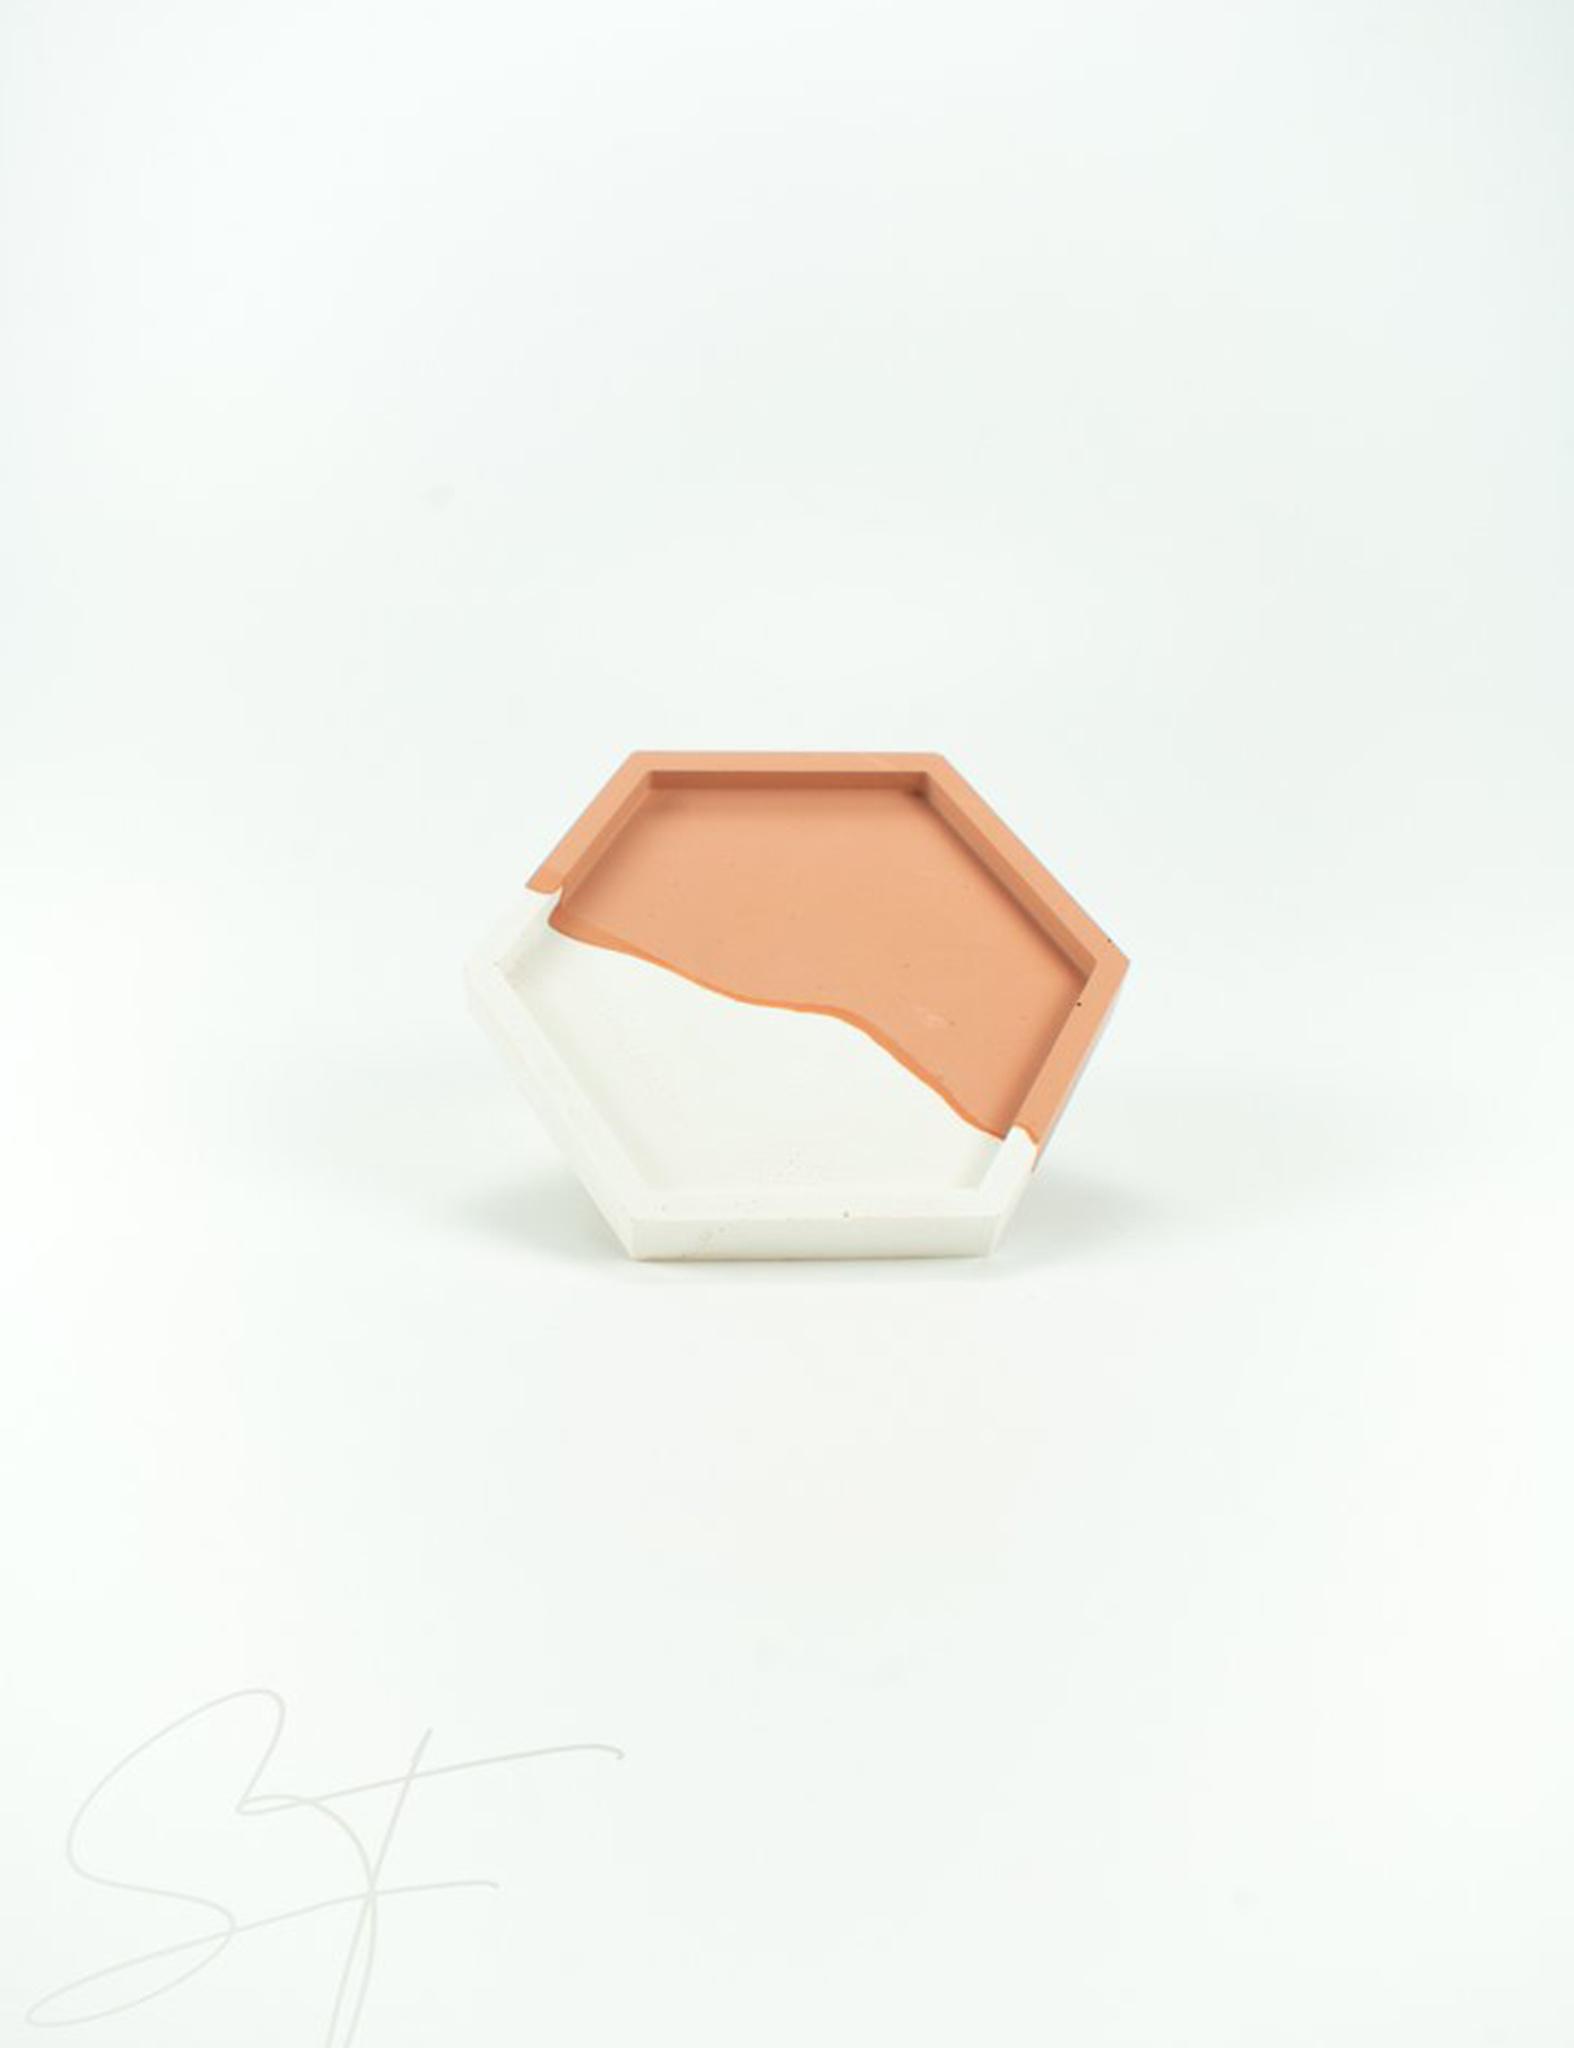 Hexagon Cairo - roestbruin - Studio SixtyFour